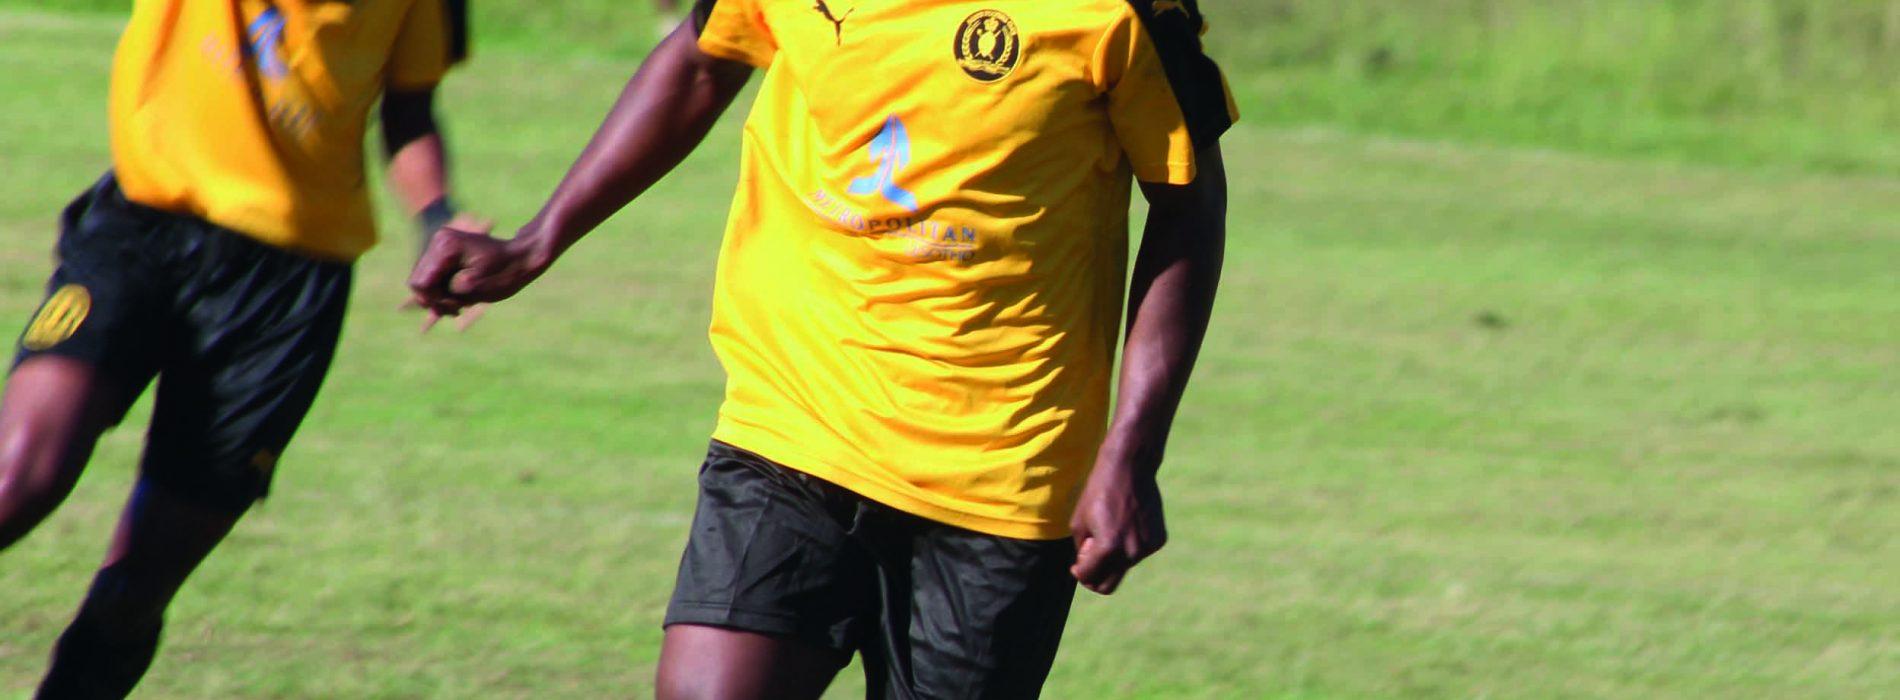 Bantu set for title glory